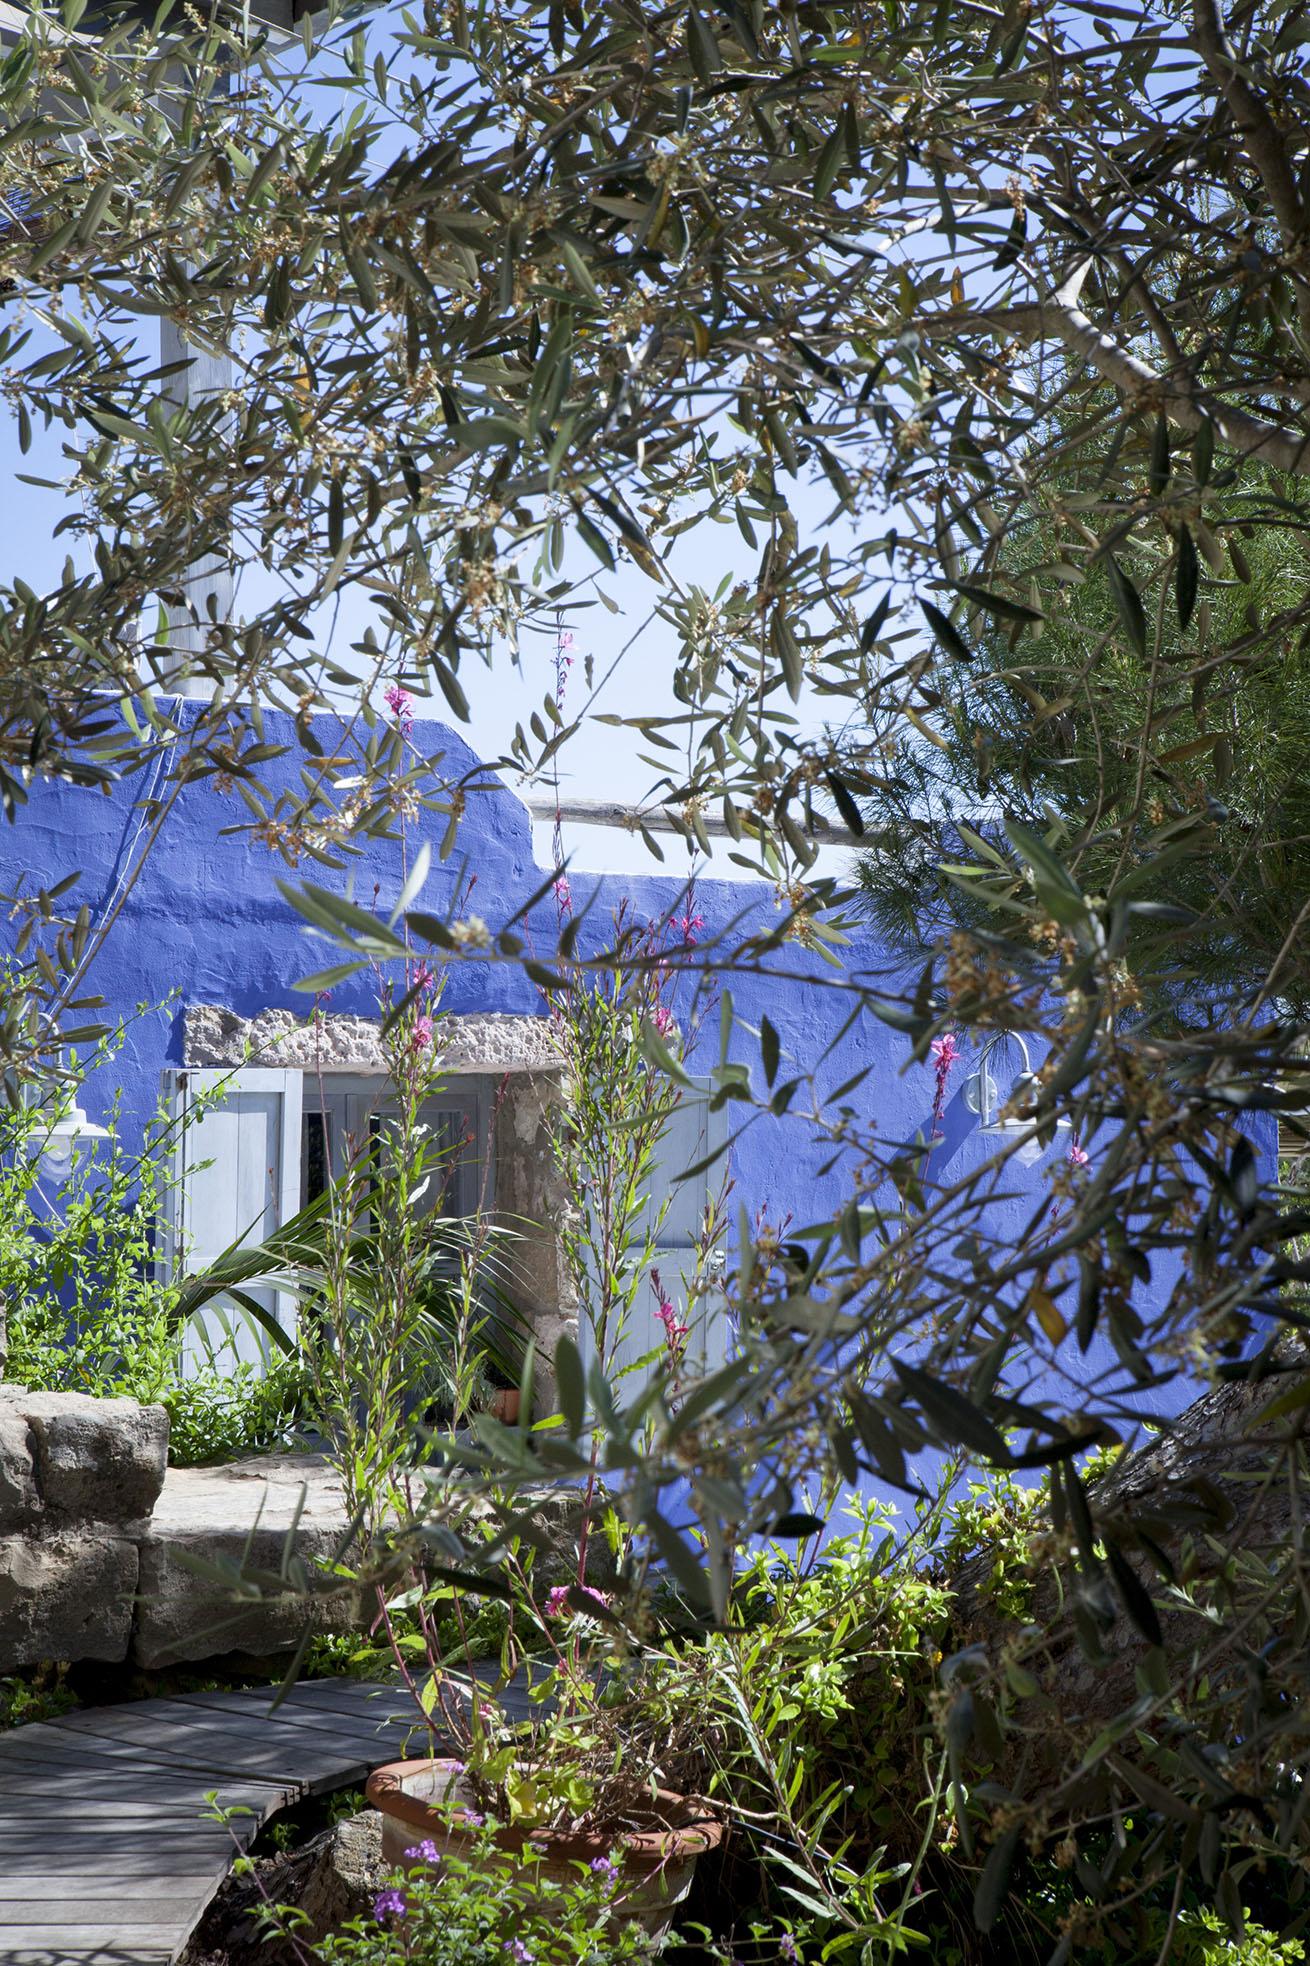 Il giardino e le mura di Casadisale a Carloforte Yoga Resort